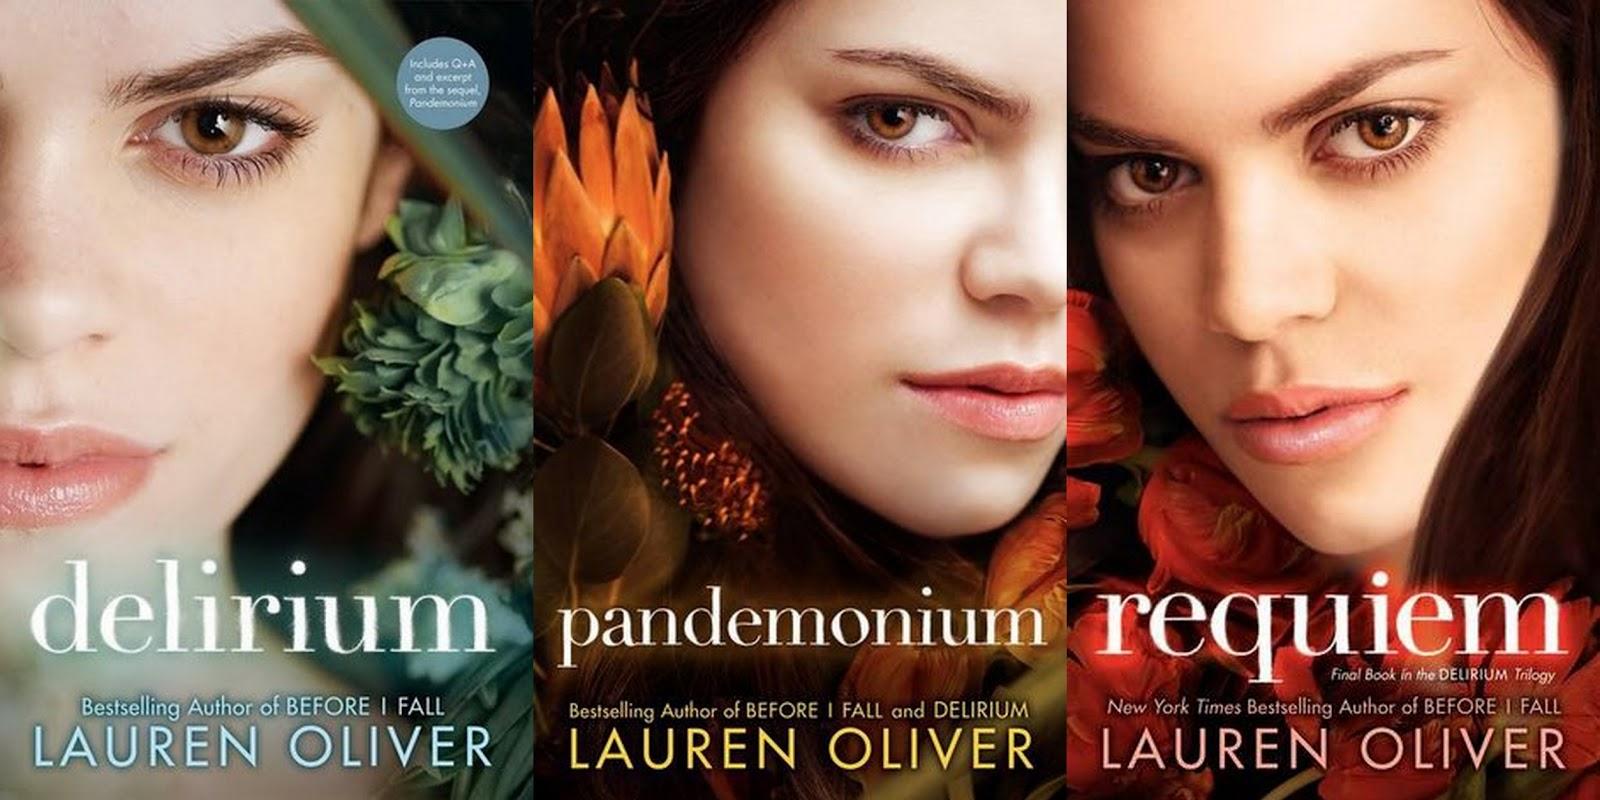 Vampire: The Requiem books